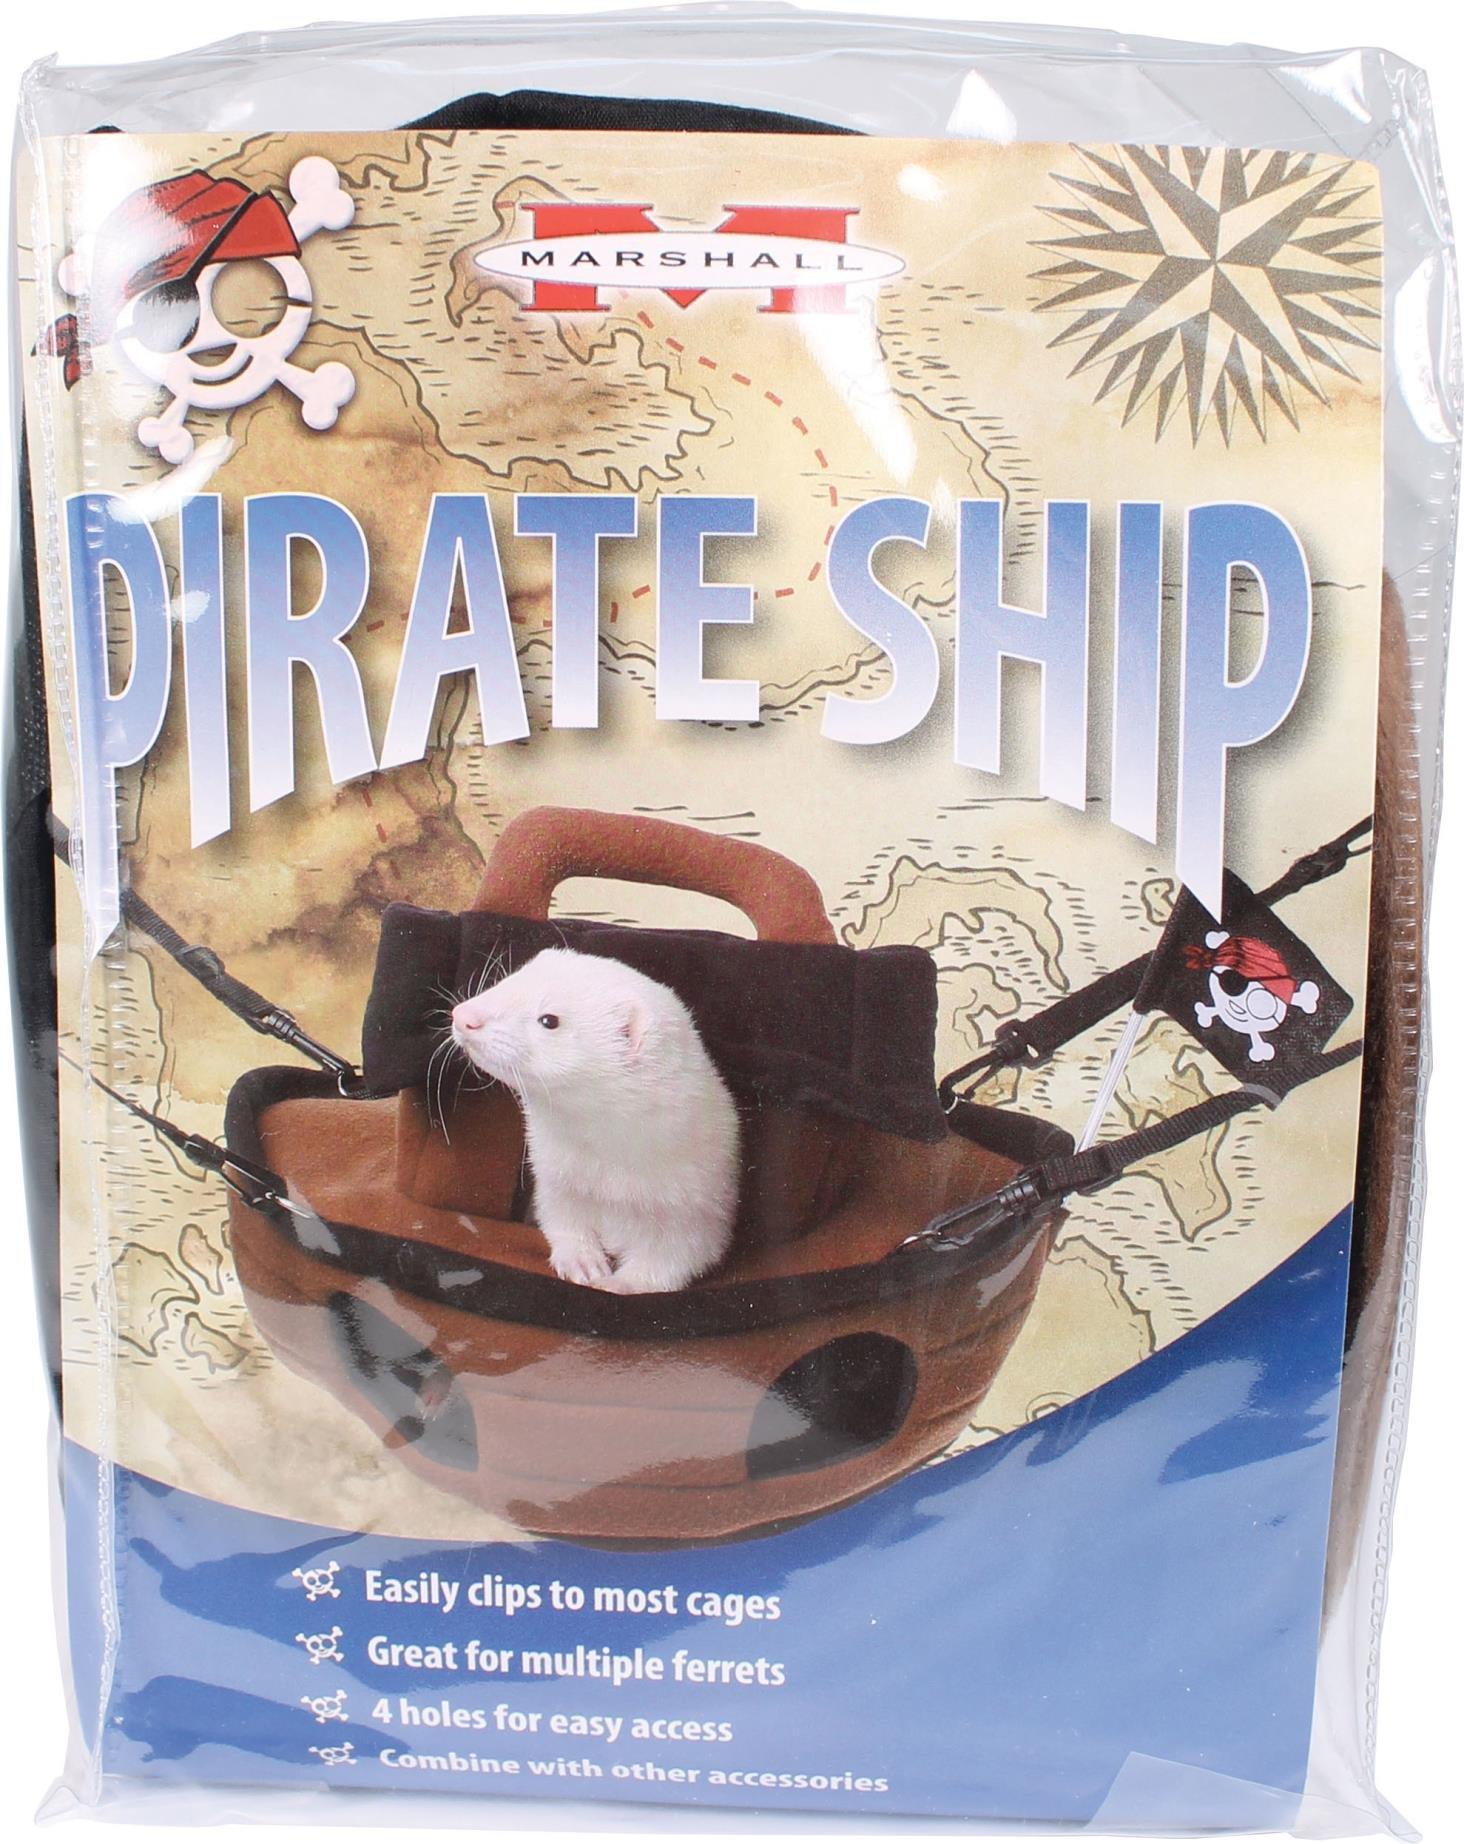 DPD Pirate Ship Ferret Hideaway